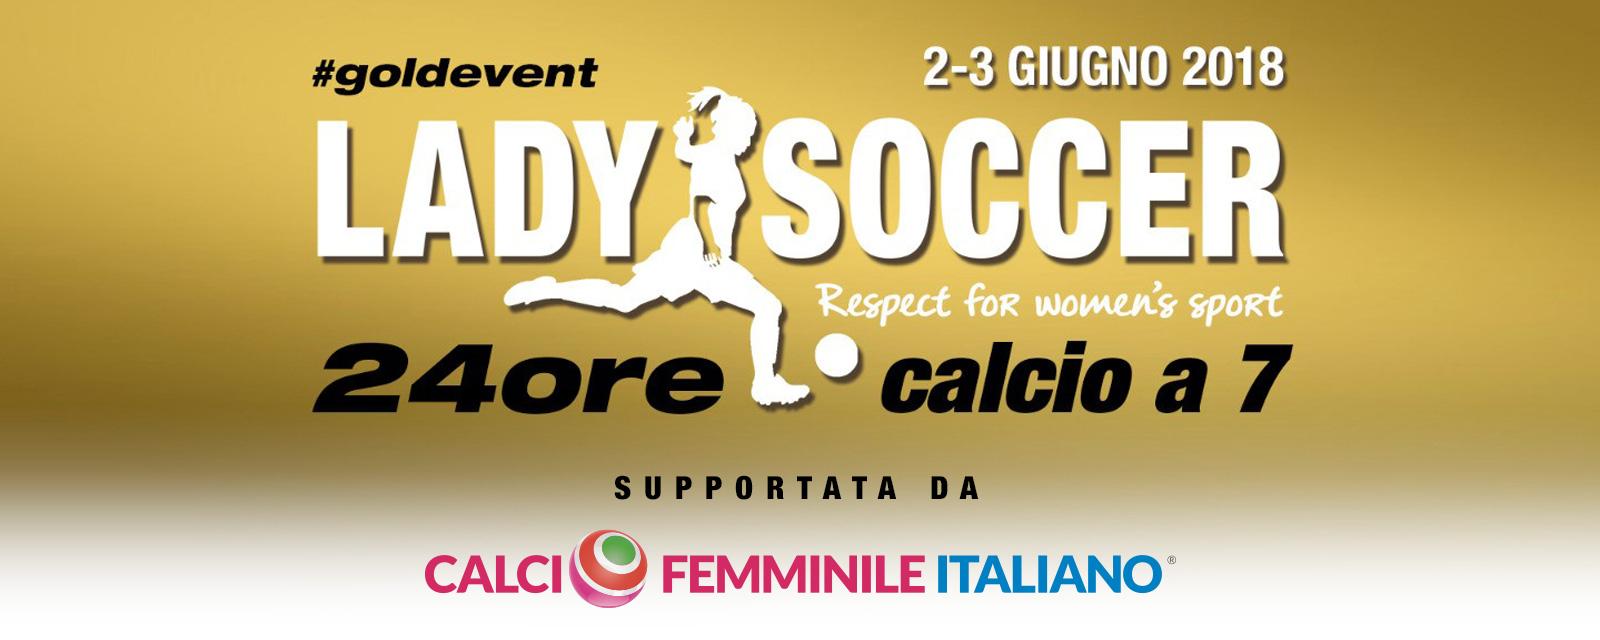 Torneo Ladysoccer 24H calcio a 7 - 2/3 Giugno 2018 - Calcio